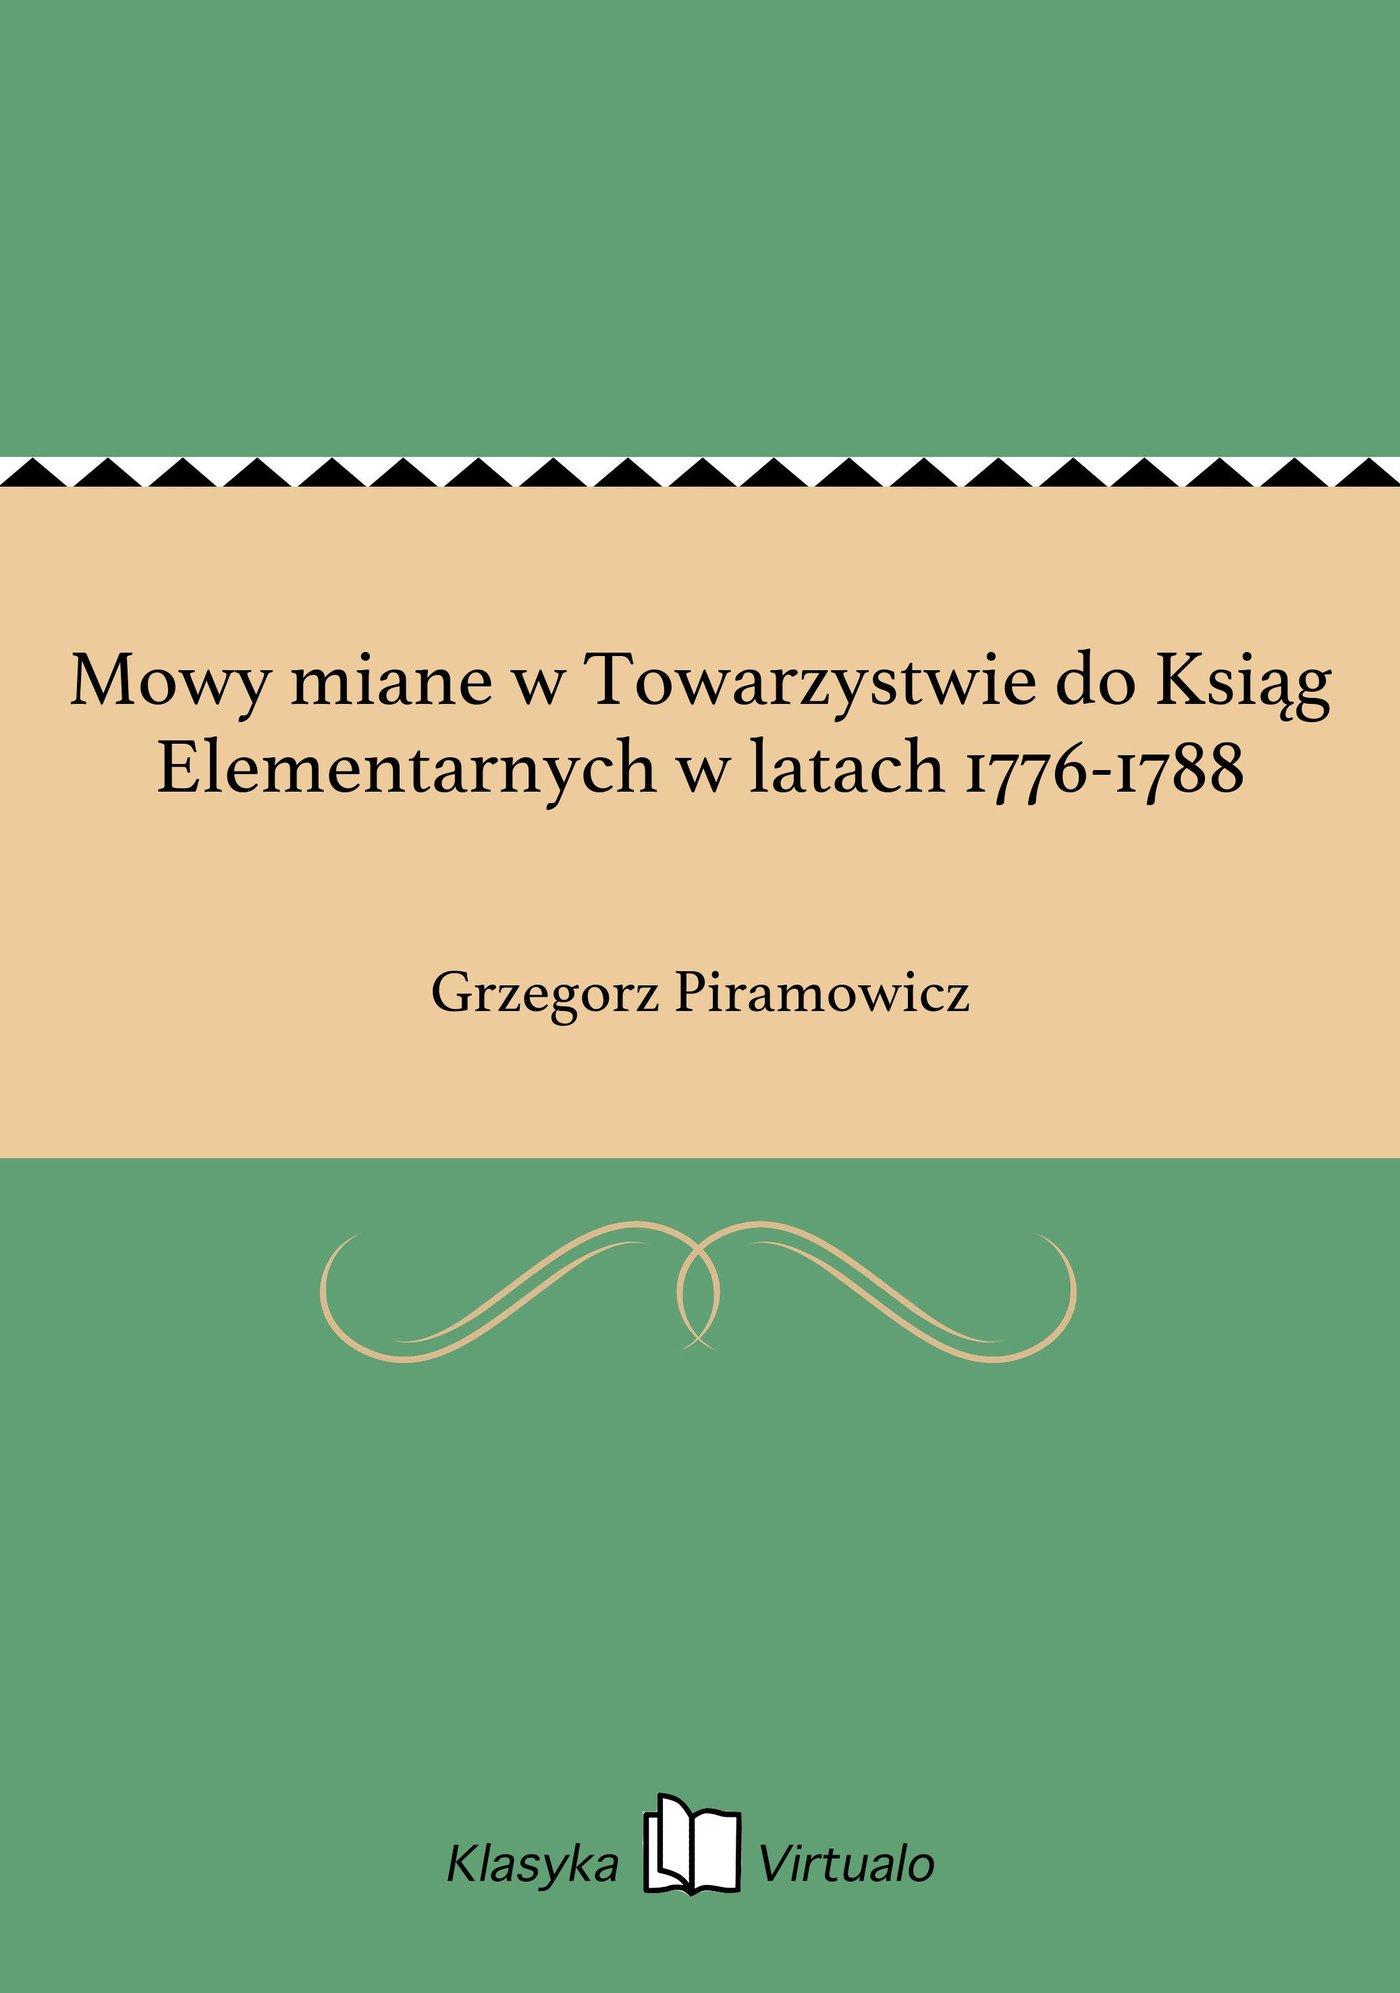 Mowy miane w Towarzystwie do Ksiąg Elementarnych w latach 1776-1788 - Ebook (Książka EPUB) do pobrania w formacie EPUB